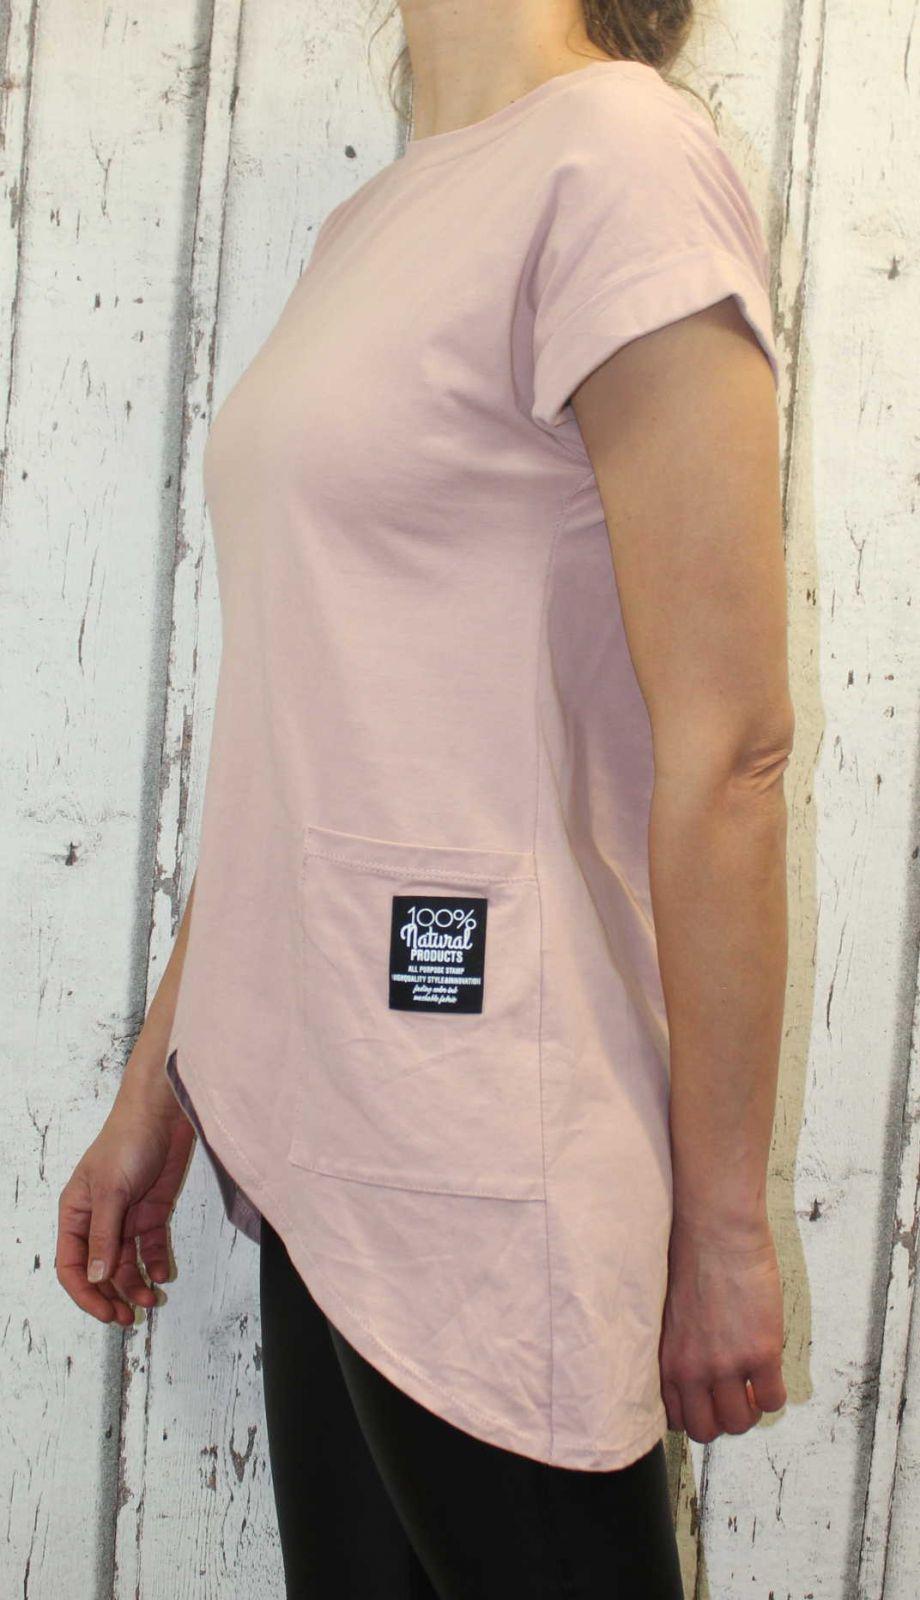 Dámské bavlněné tričko krátký rukáv dámské dlouhé tričko, tričko šikmý střih, zešikmené tričko, bavlněné dlouhé tričko, dámská dlouhá tunika Italy Moda